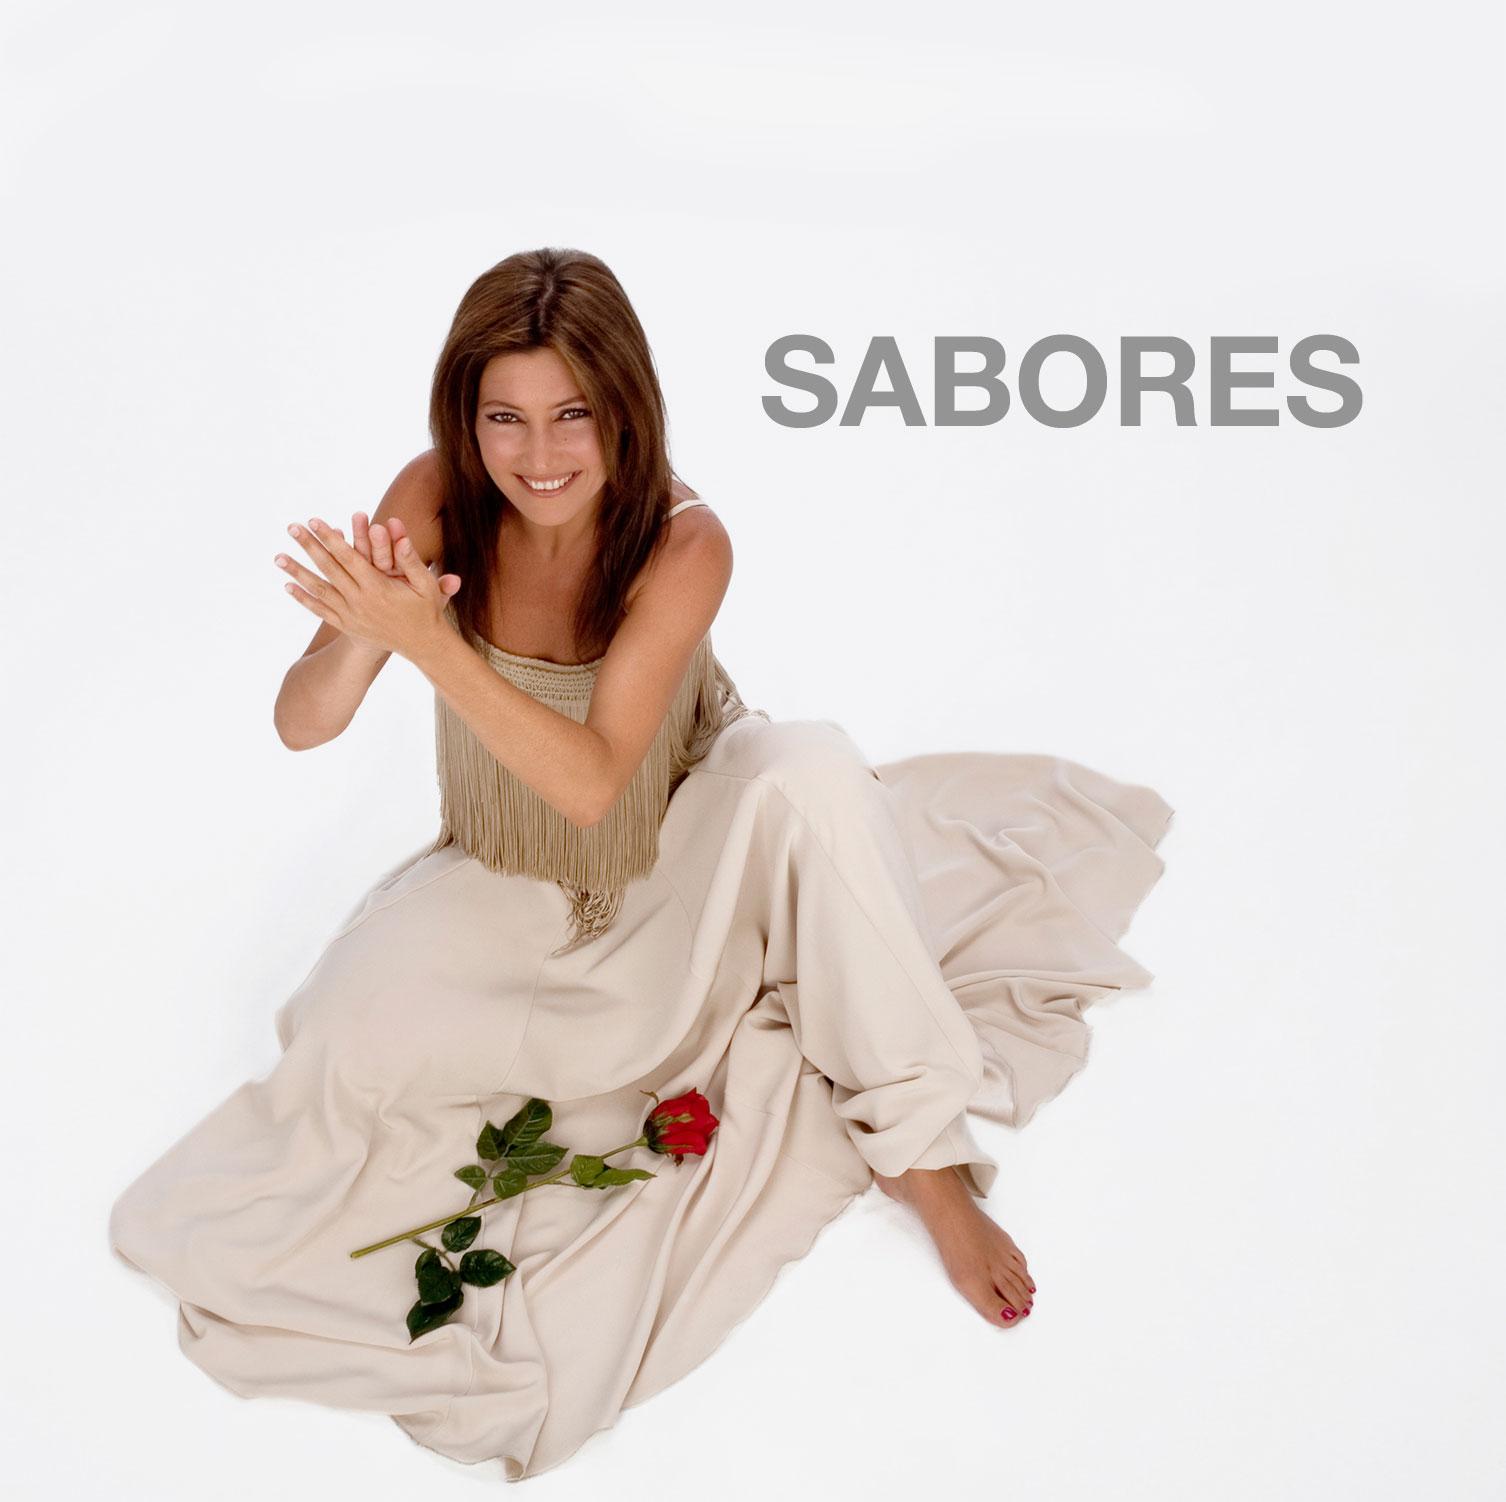 SABORES SARA BARAS